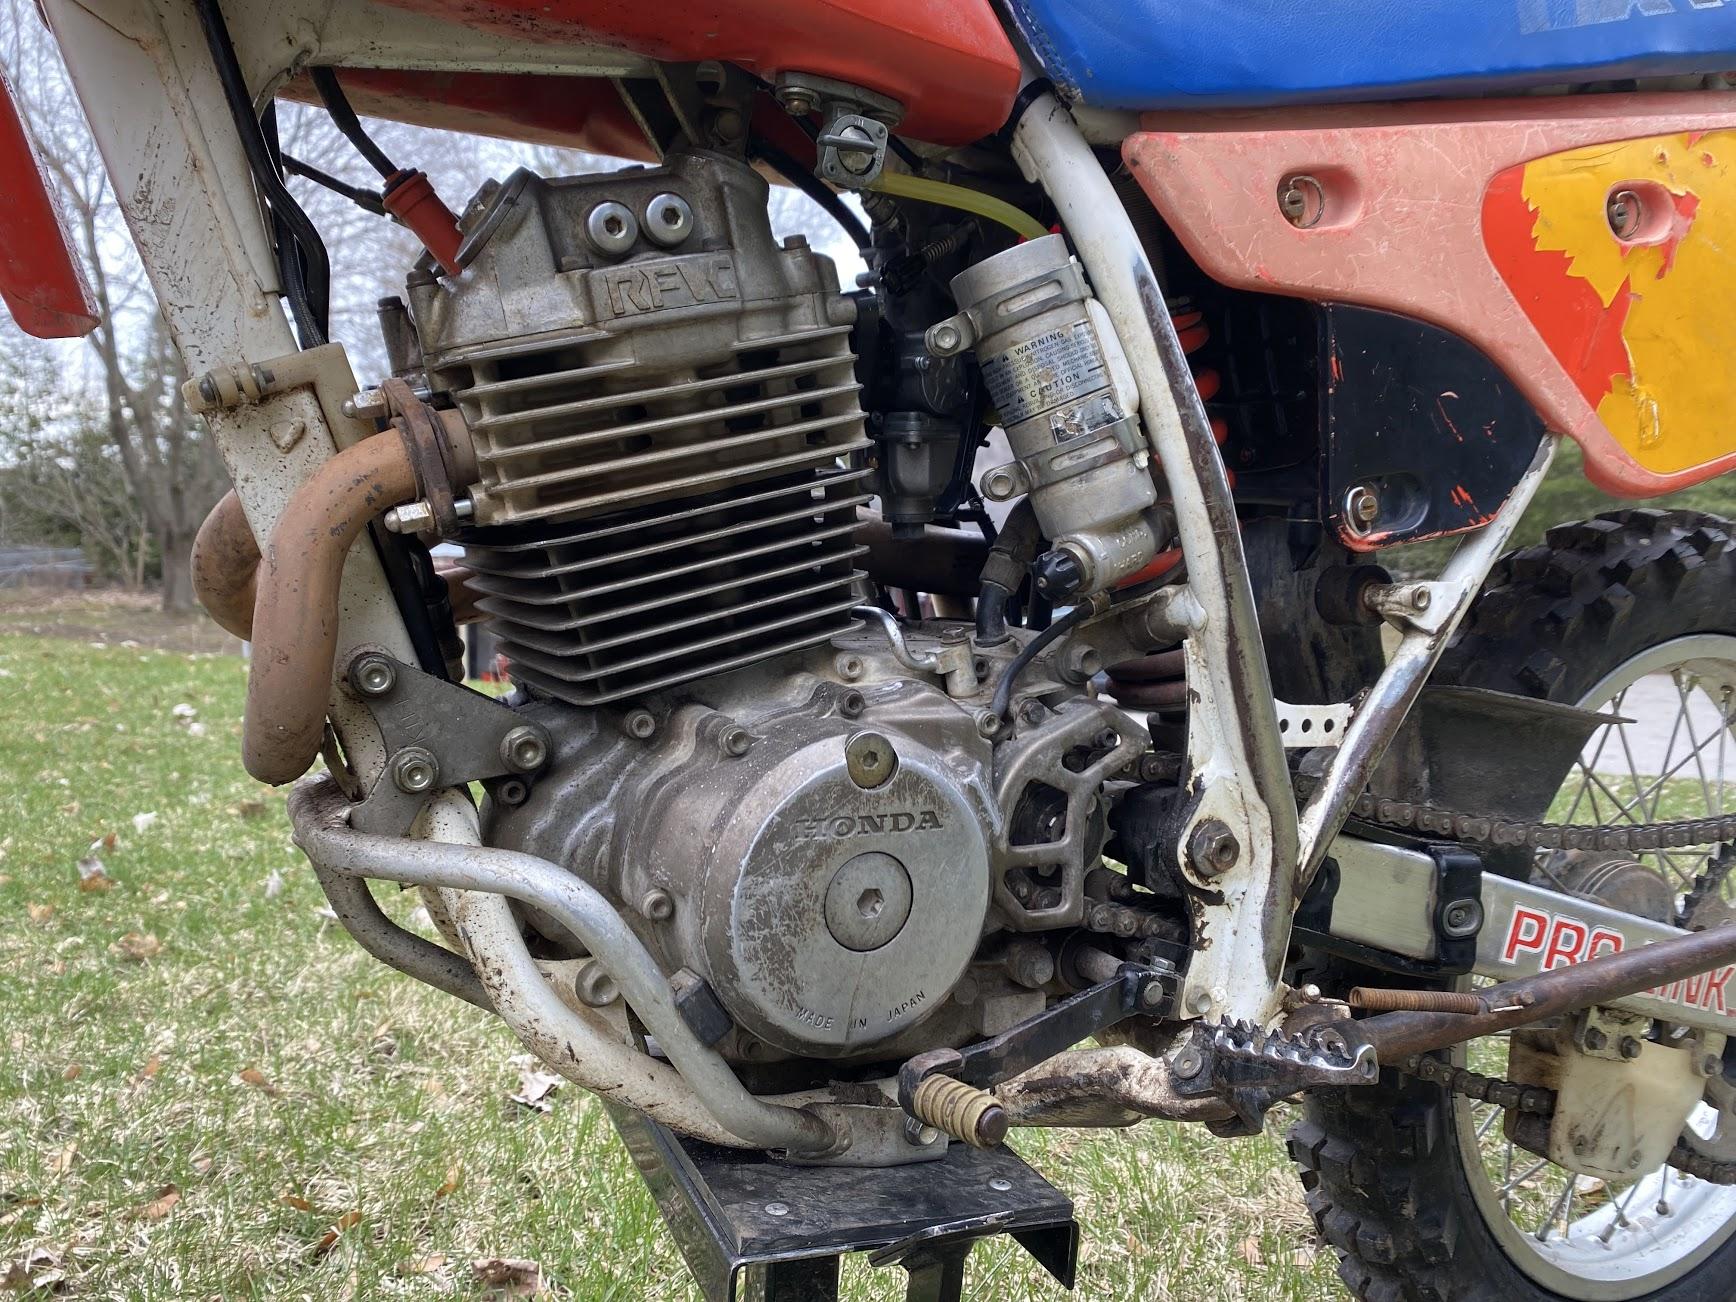 Honda XR250 engine